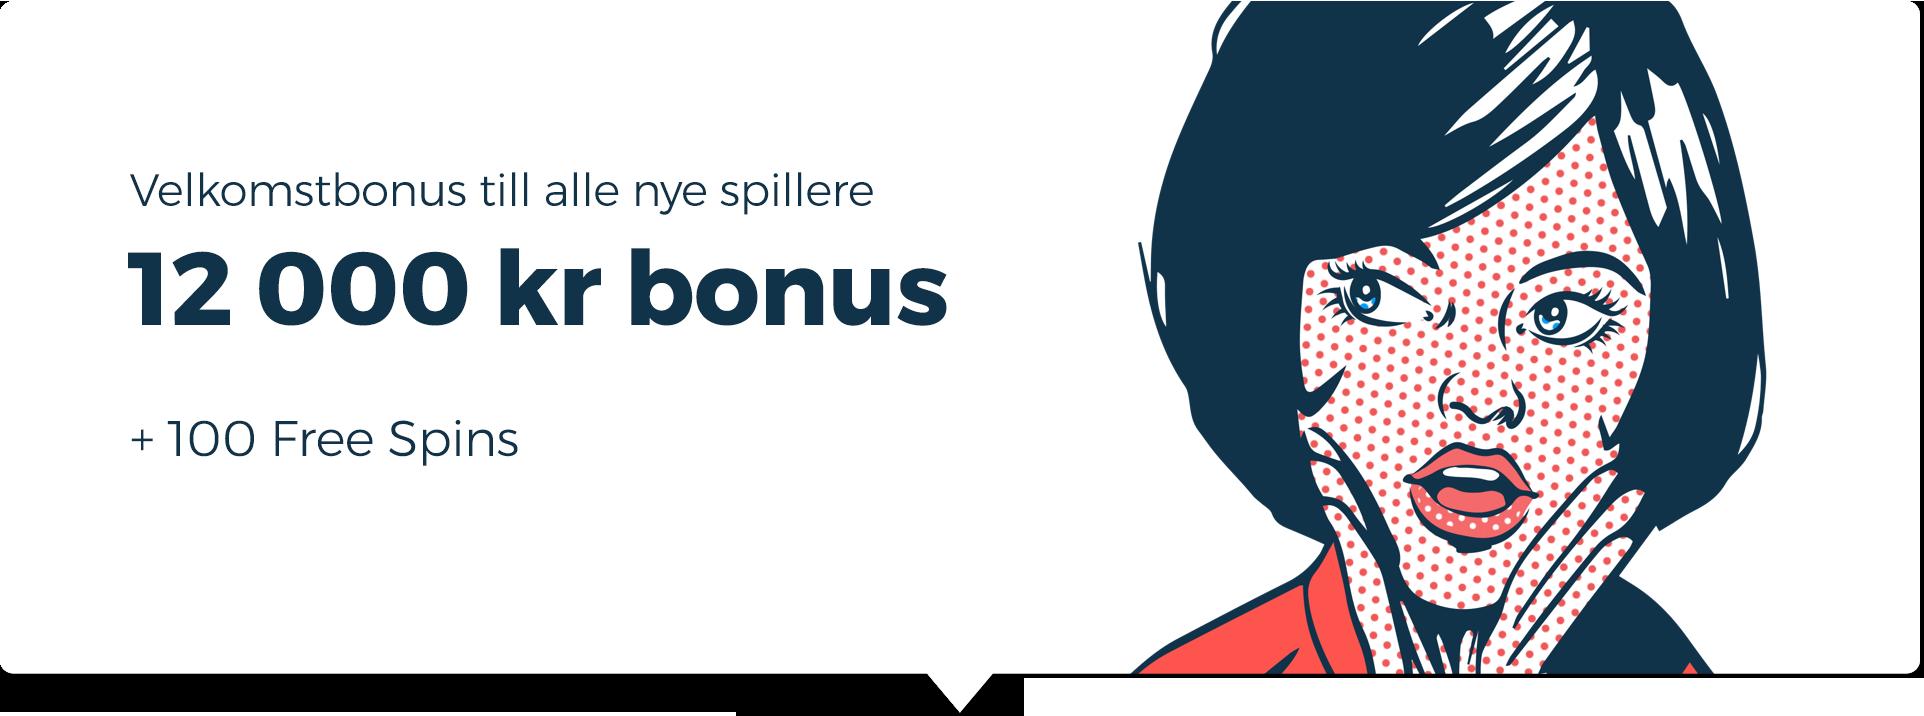 casinopop velkomstbonus norge